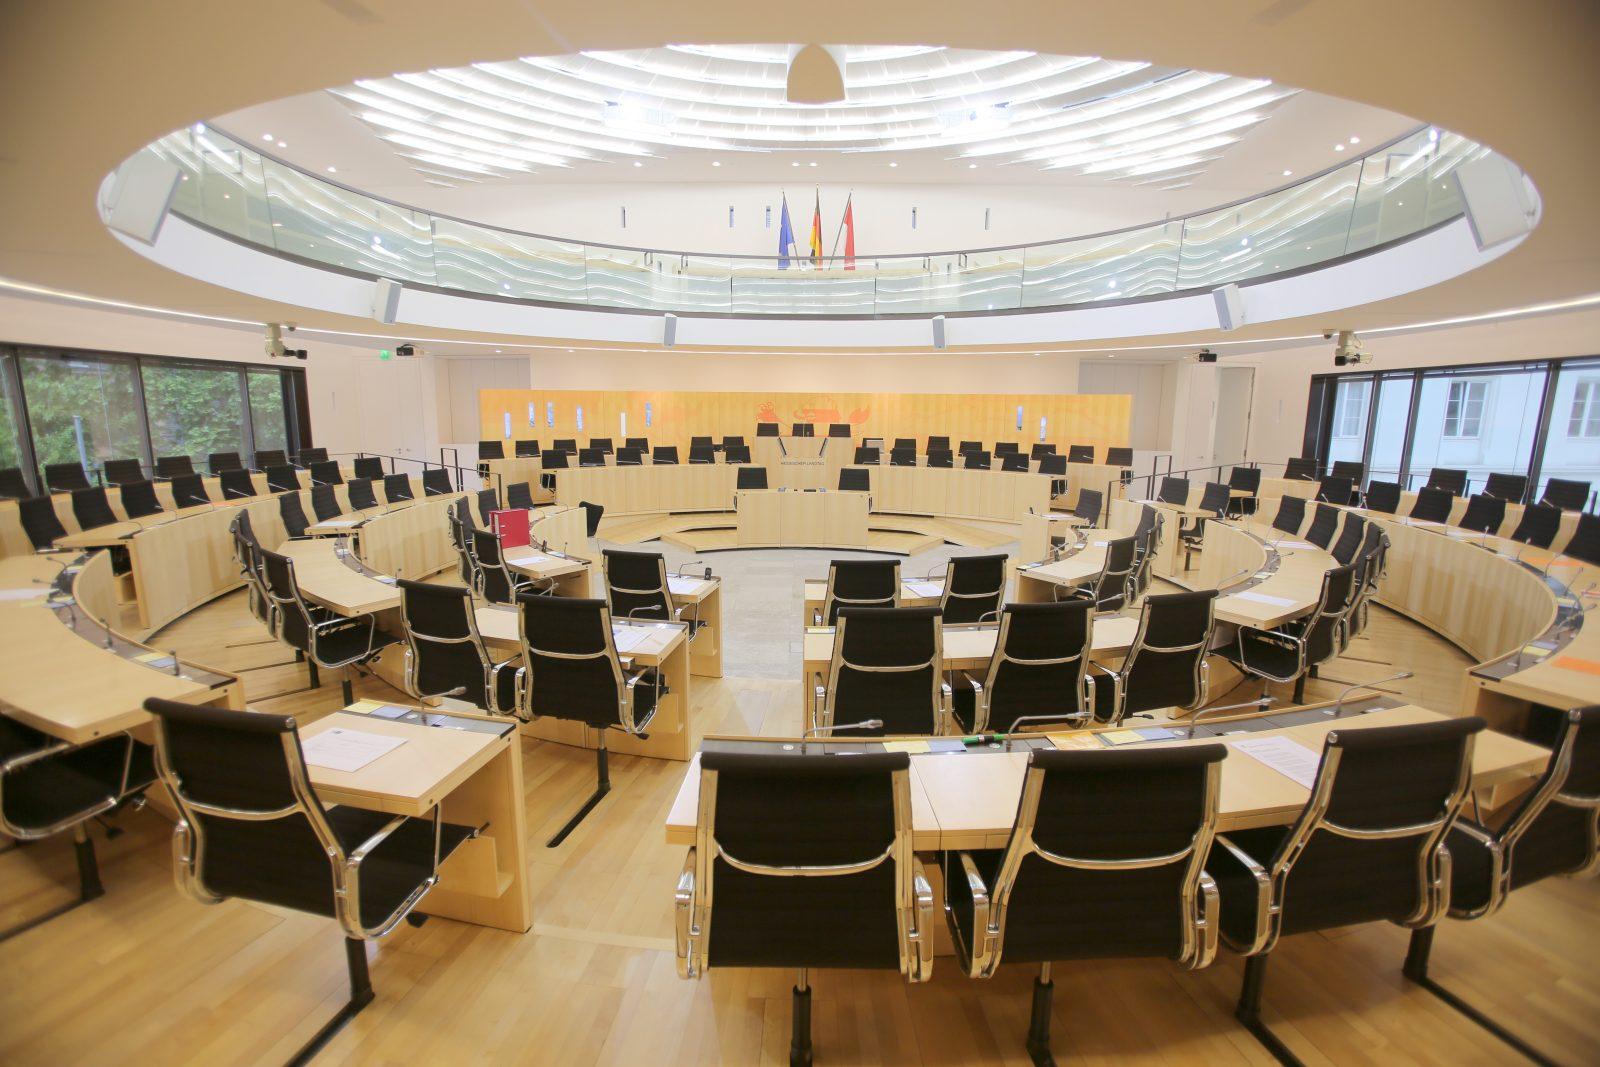 Der Landtag von Hessen wird nach dem Urteil nicht vergrößert (Archivbild) Foto: picture alliance / dpa | Fredrik von Erichsen